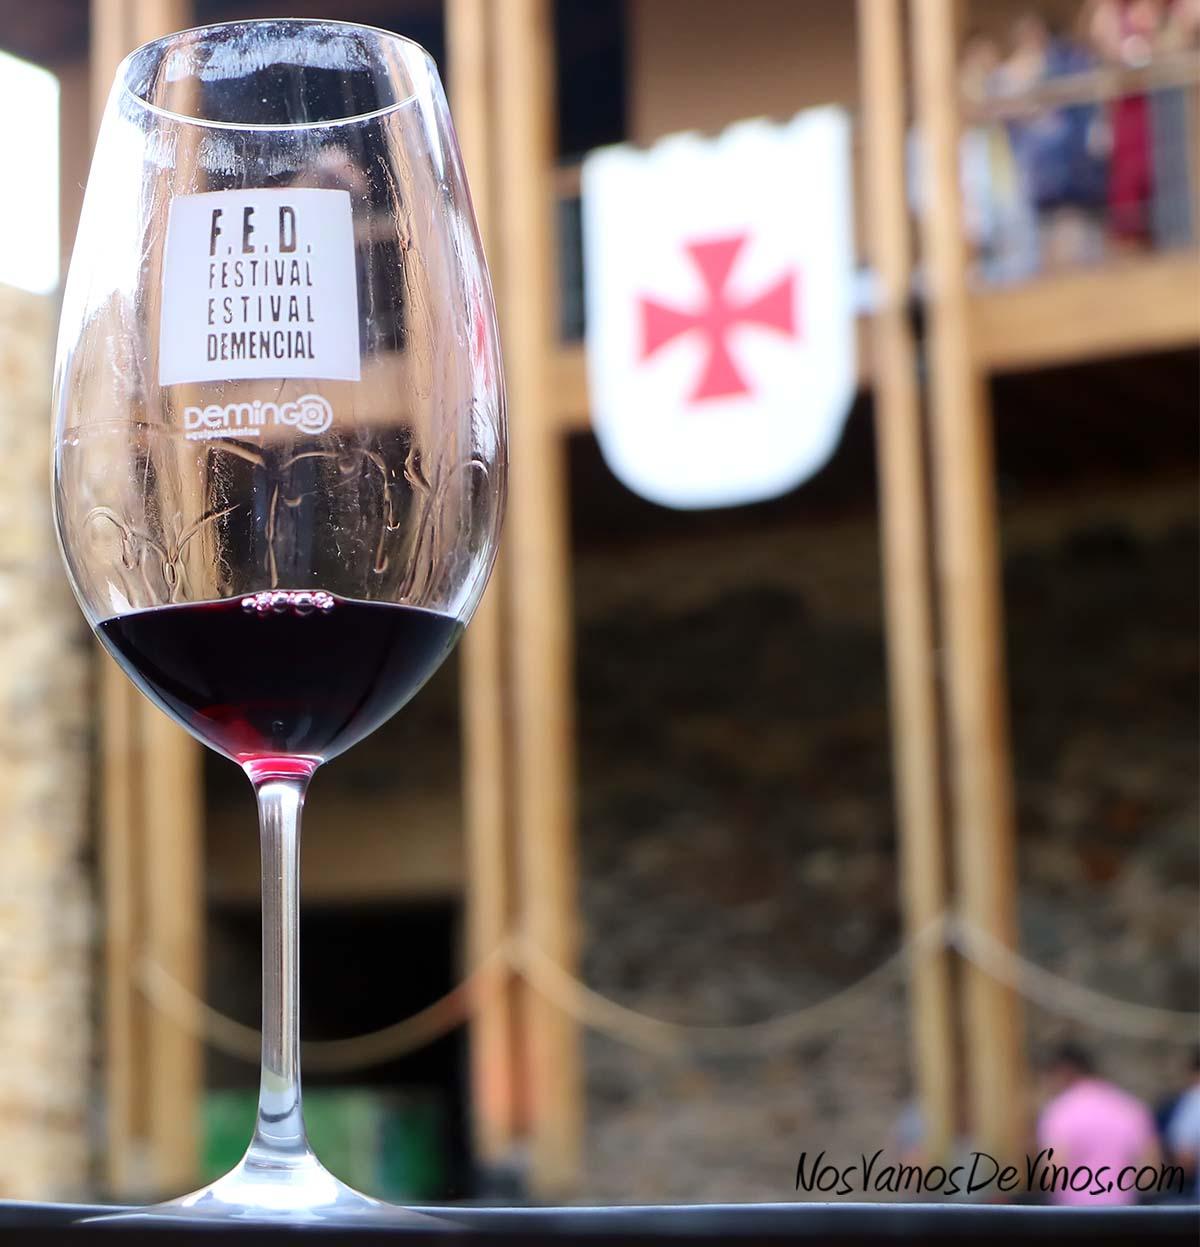 FED Festival Estival Demencial del Bierzo